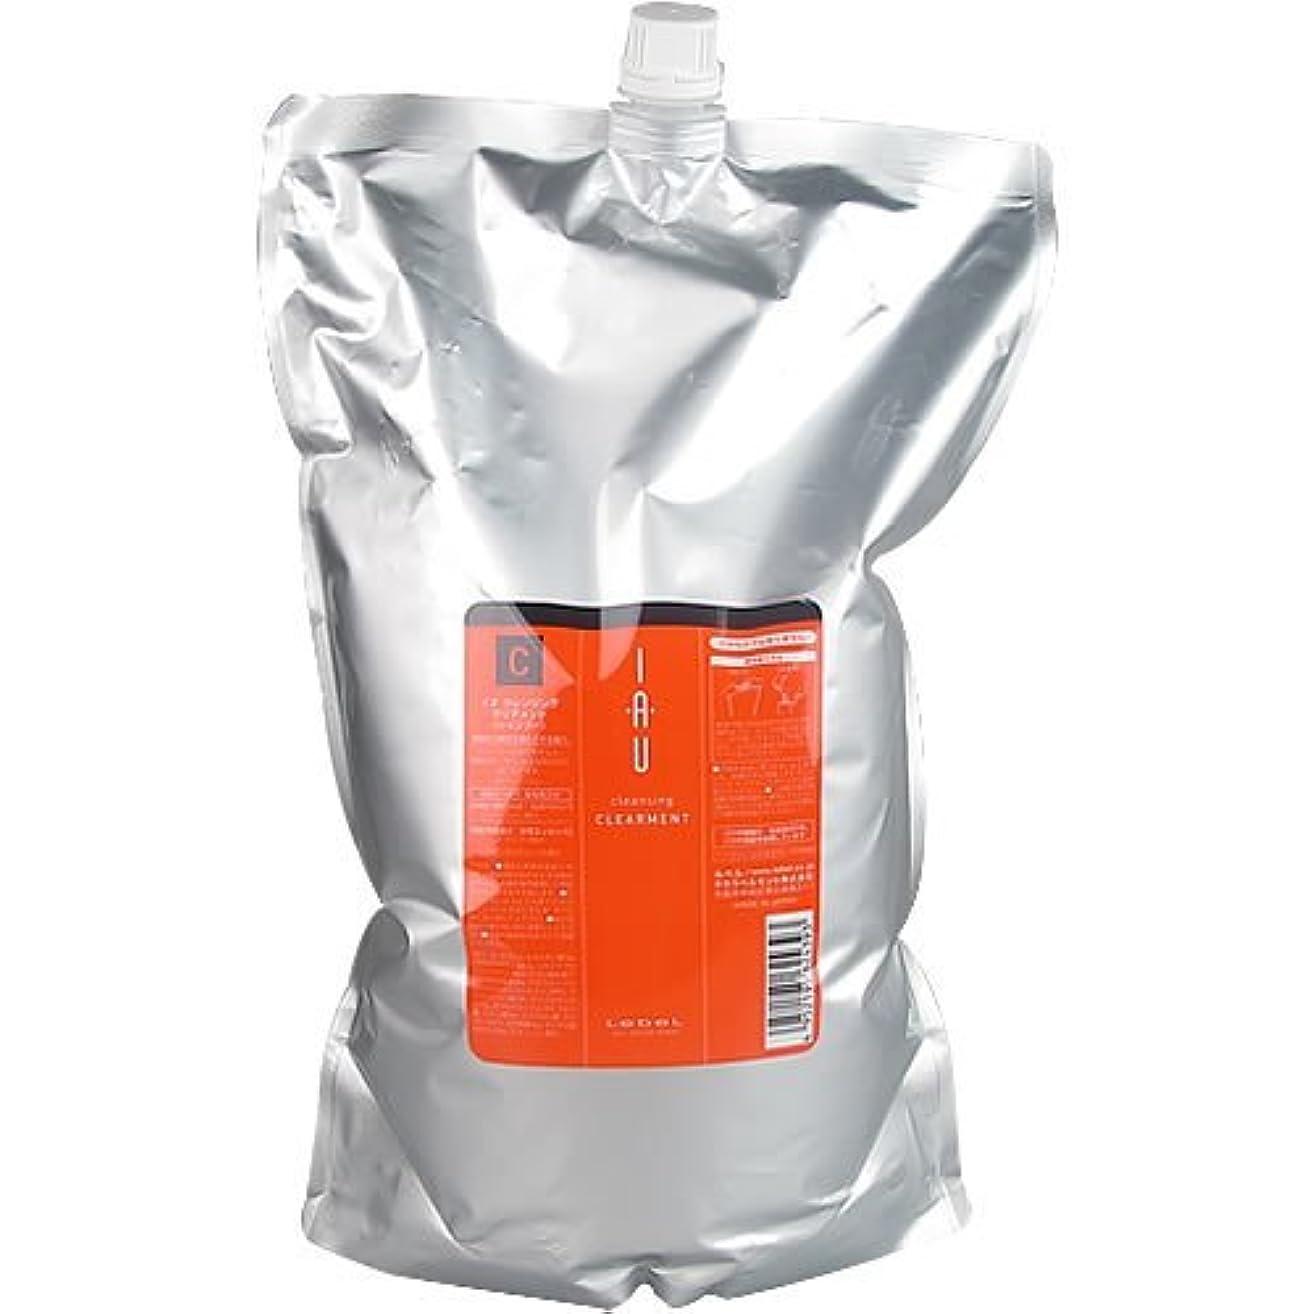 潮追い越す意味のあるルベル(Lebel) イオ クレンジング クリアメント 詰め替え用 2500ml[並行輸入品]